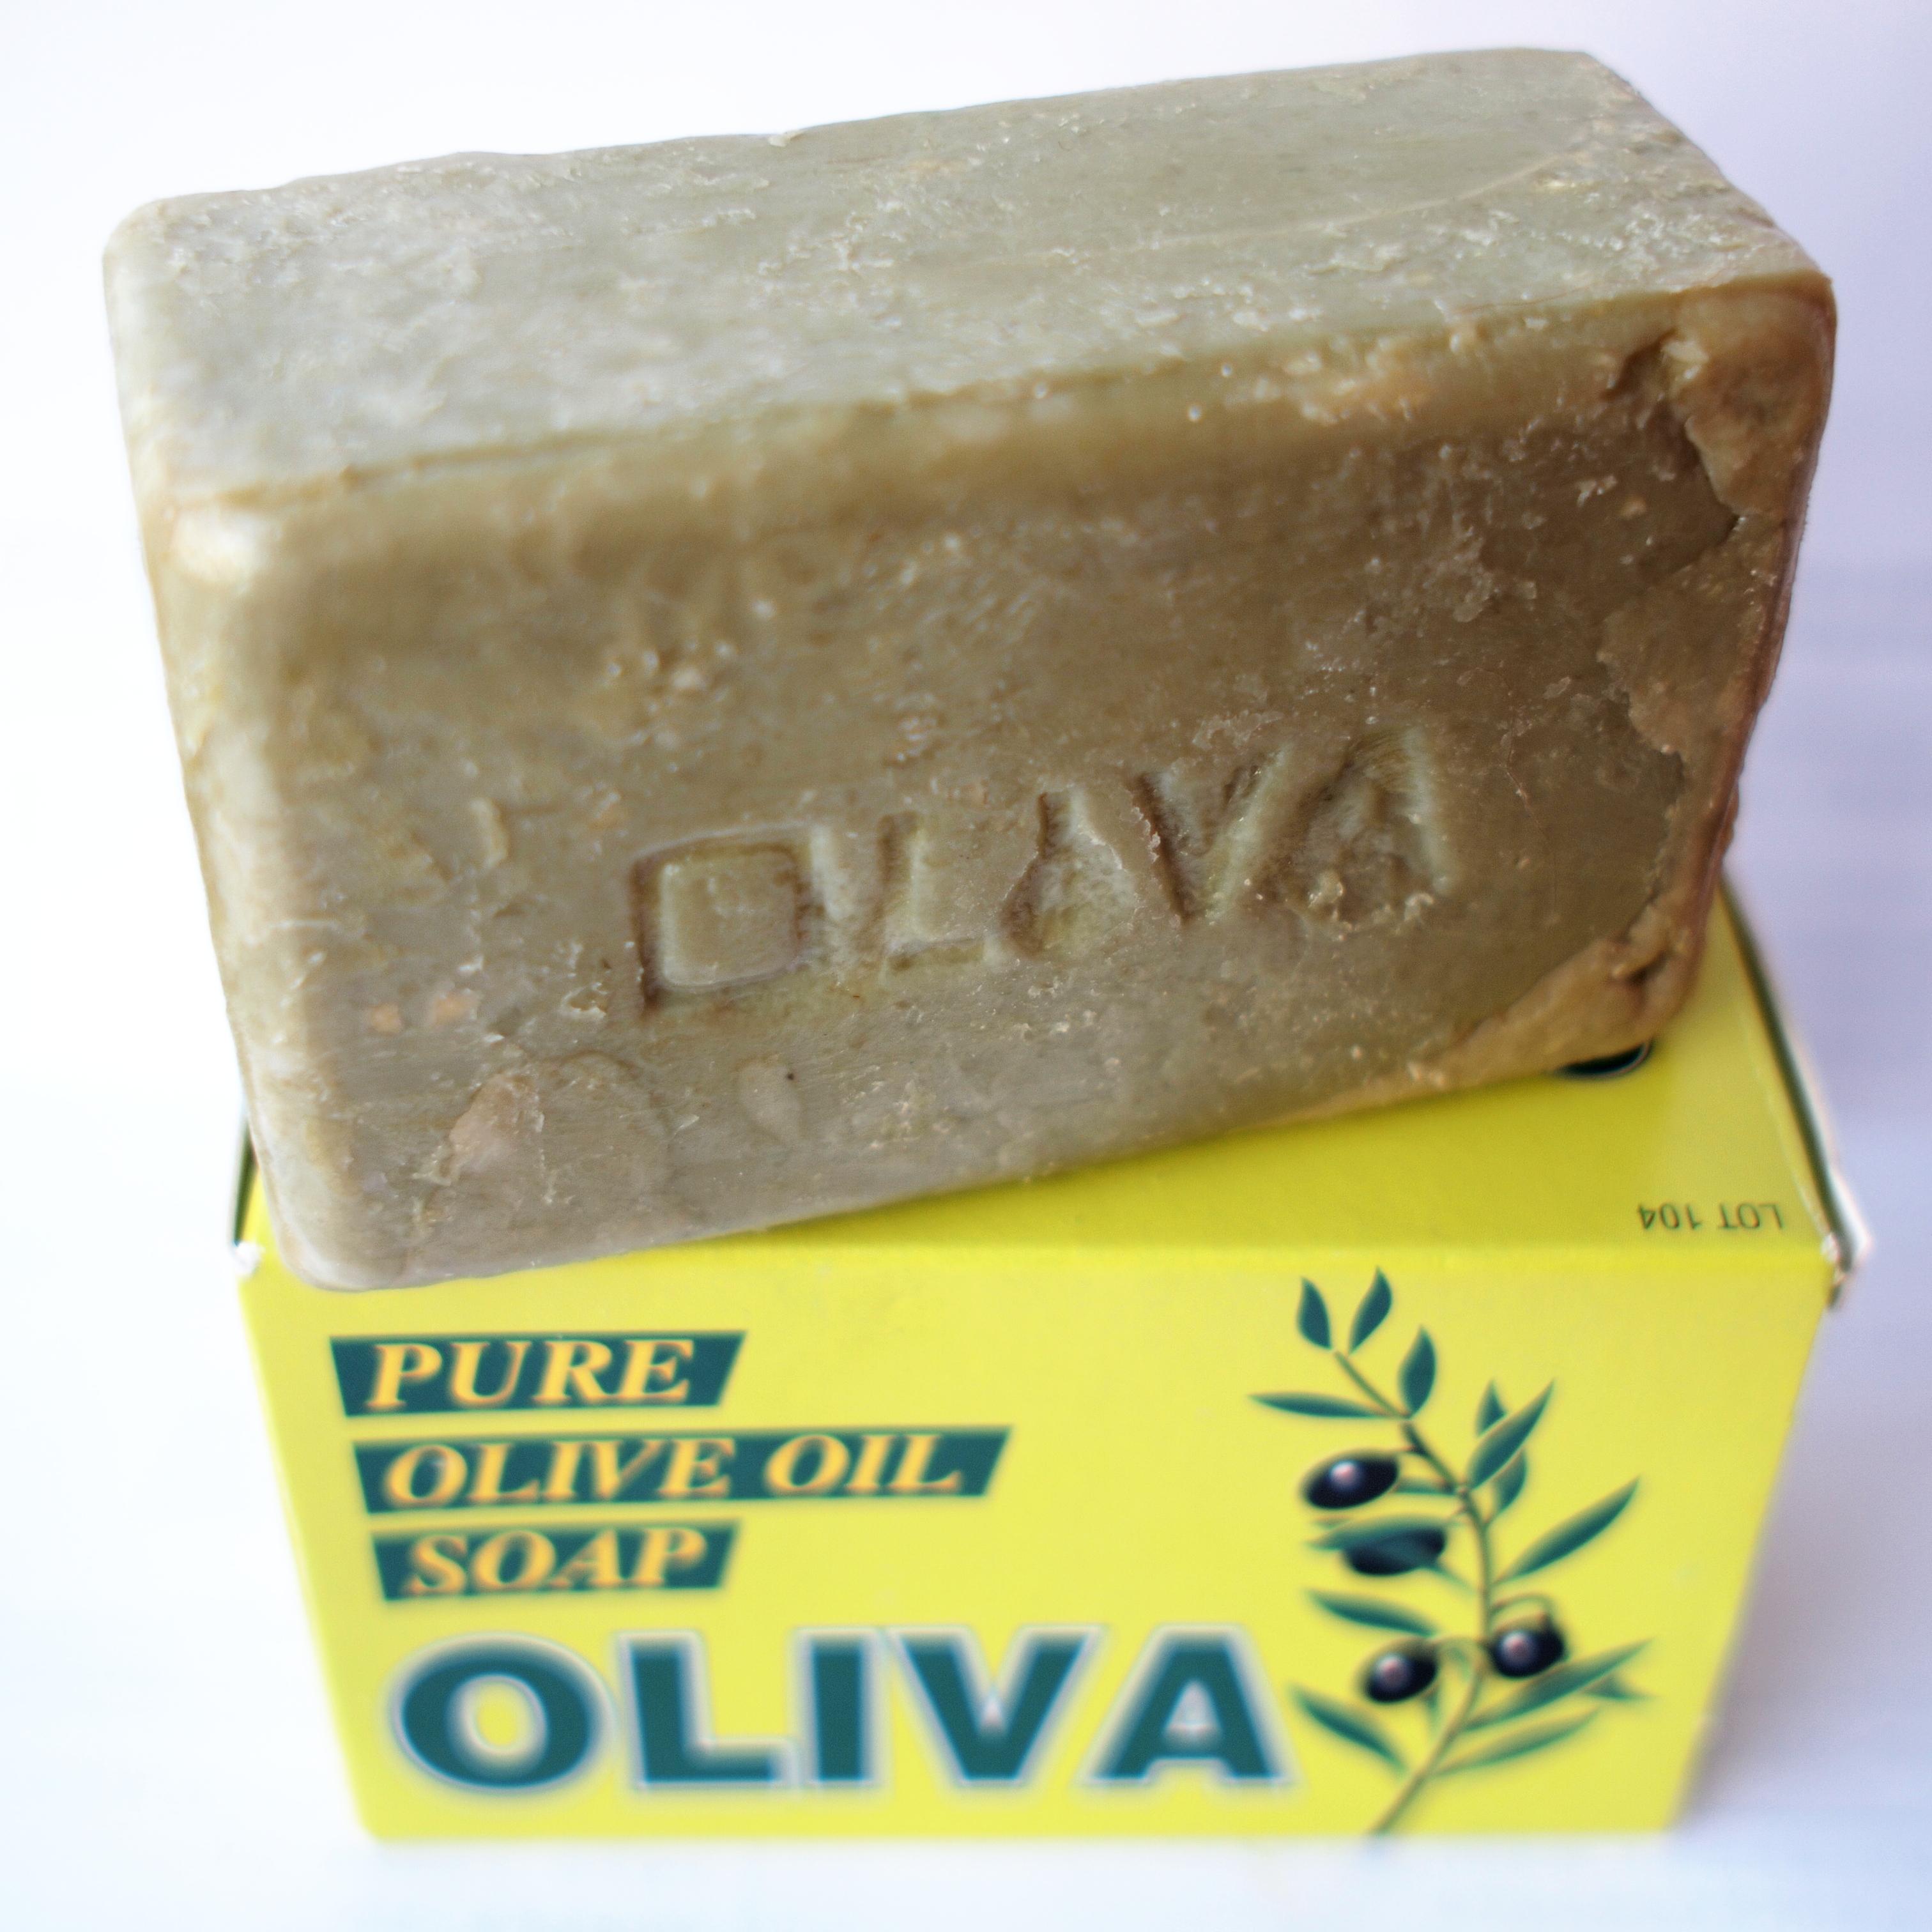 Vegan soap - Wikipedia